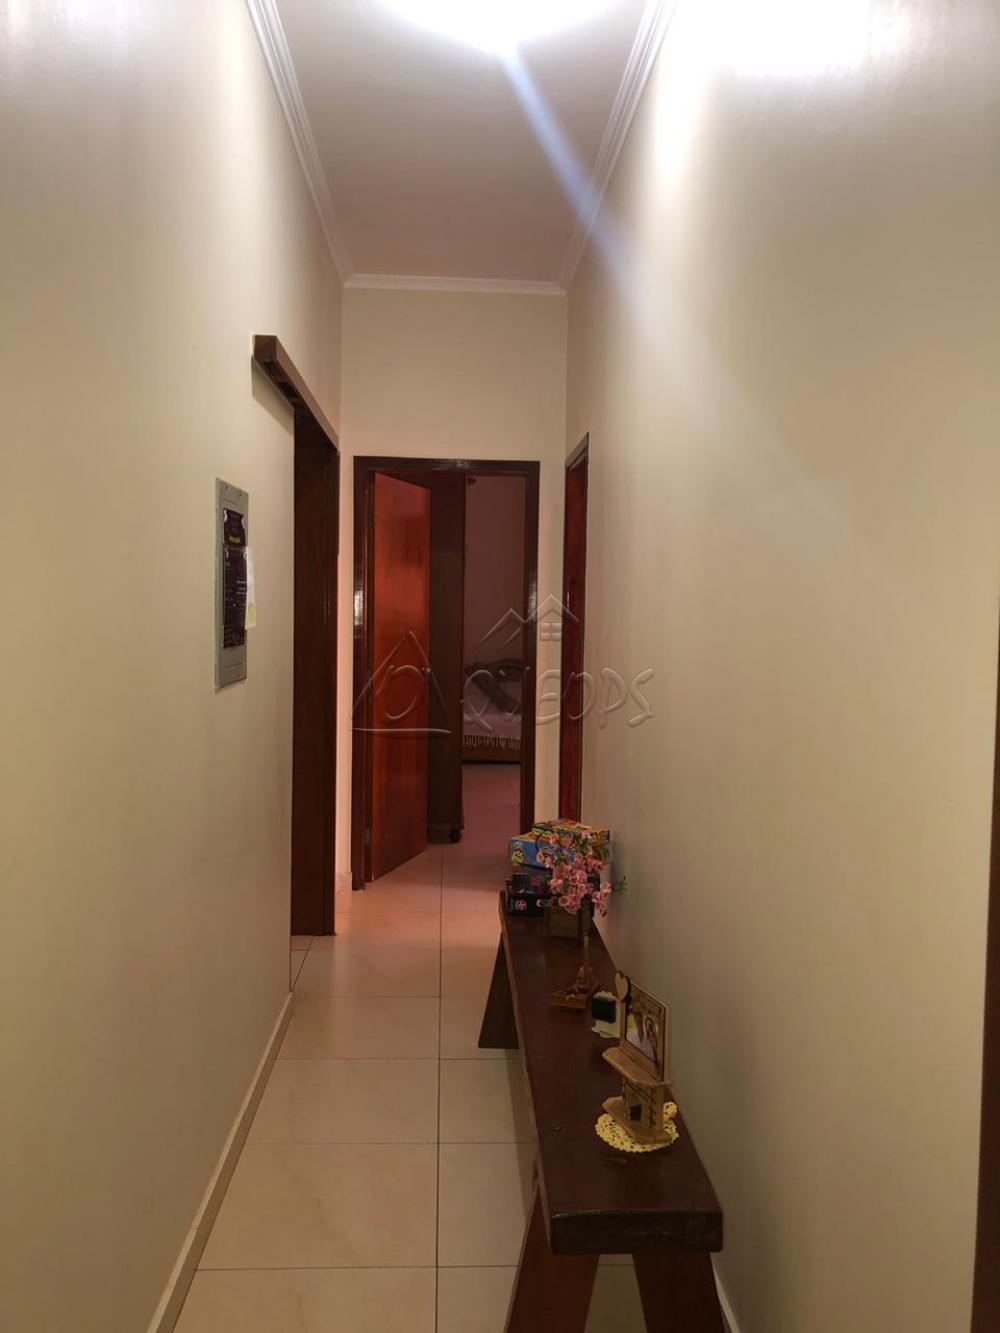 Comprar Casa / Padrão em Barretos apenas R$ 750.000,00 - Foto 7